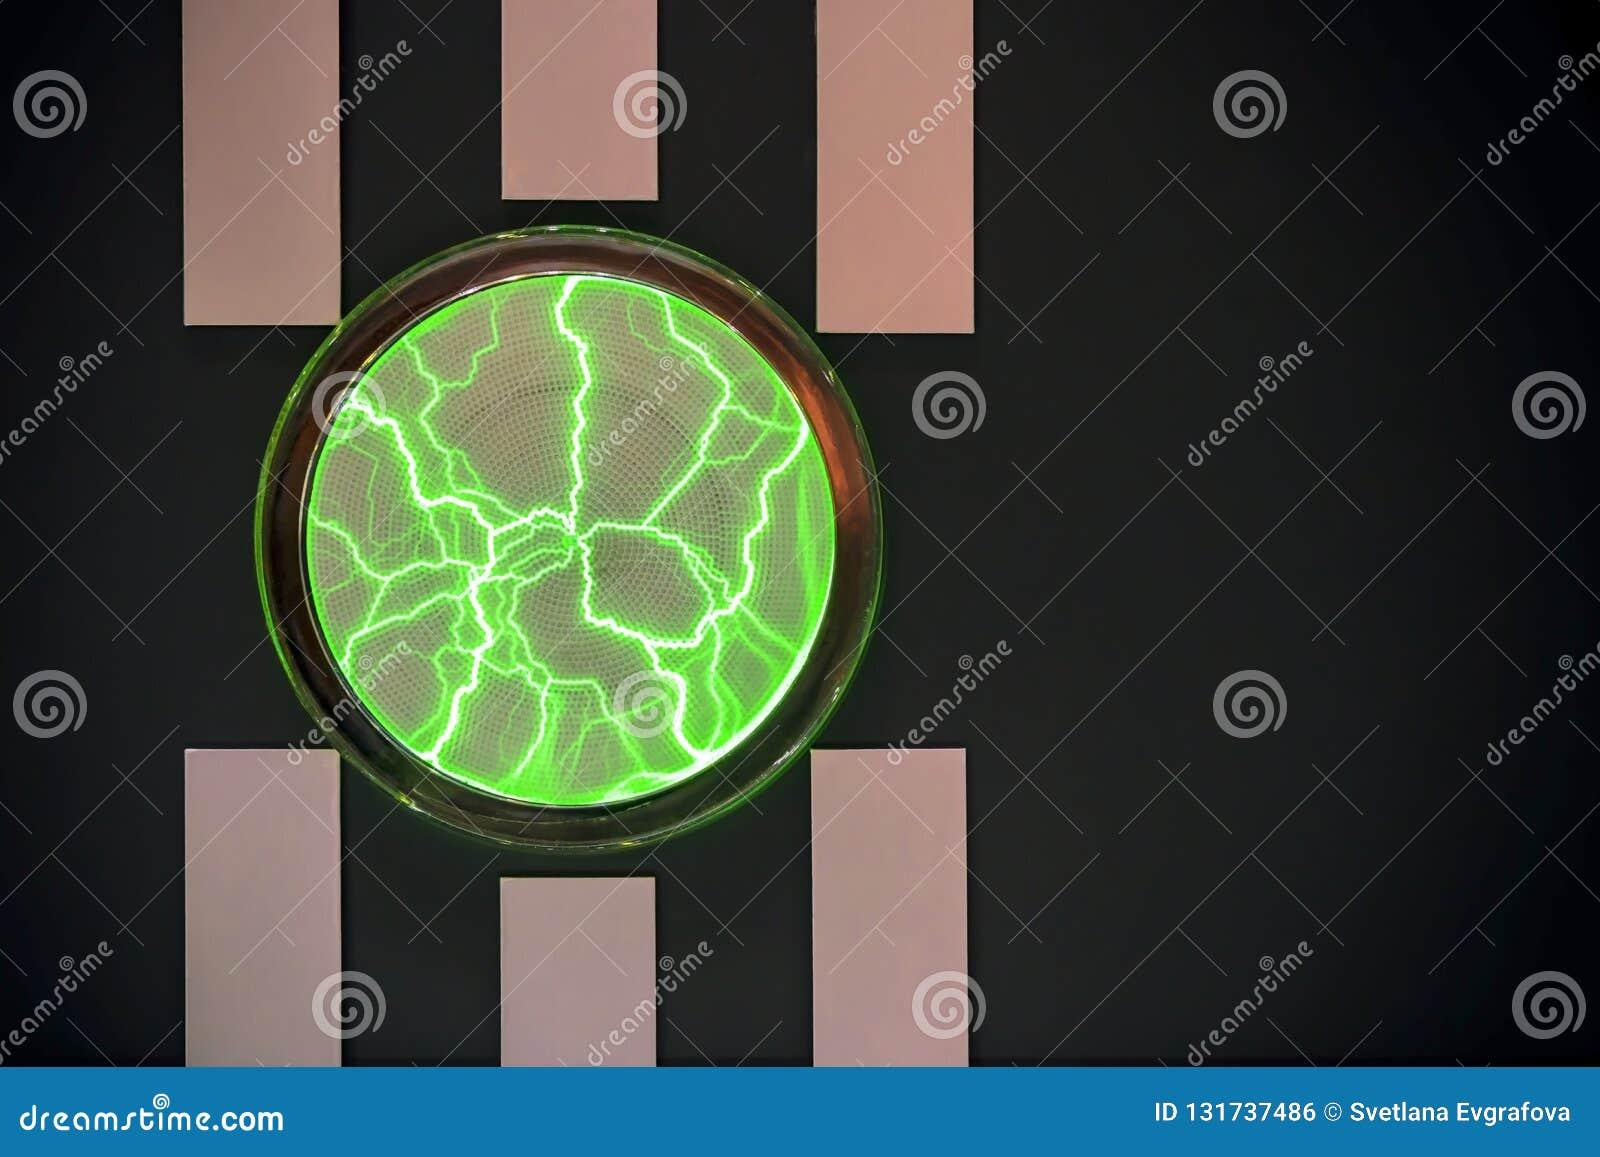 Abstrakcjonistyczny jaskrawy horyzontalny graficzny czarny tło z pionowo lampasami i okrąg jarzy się w postaci magicznego osocza